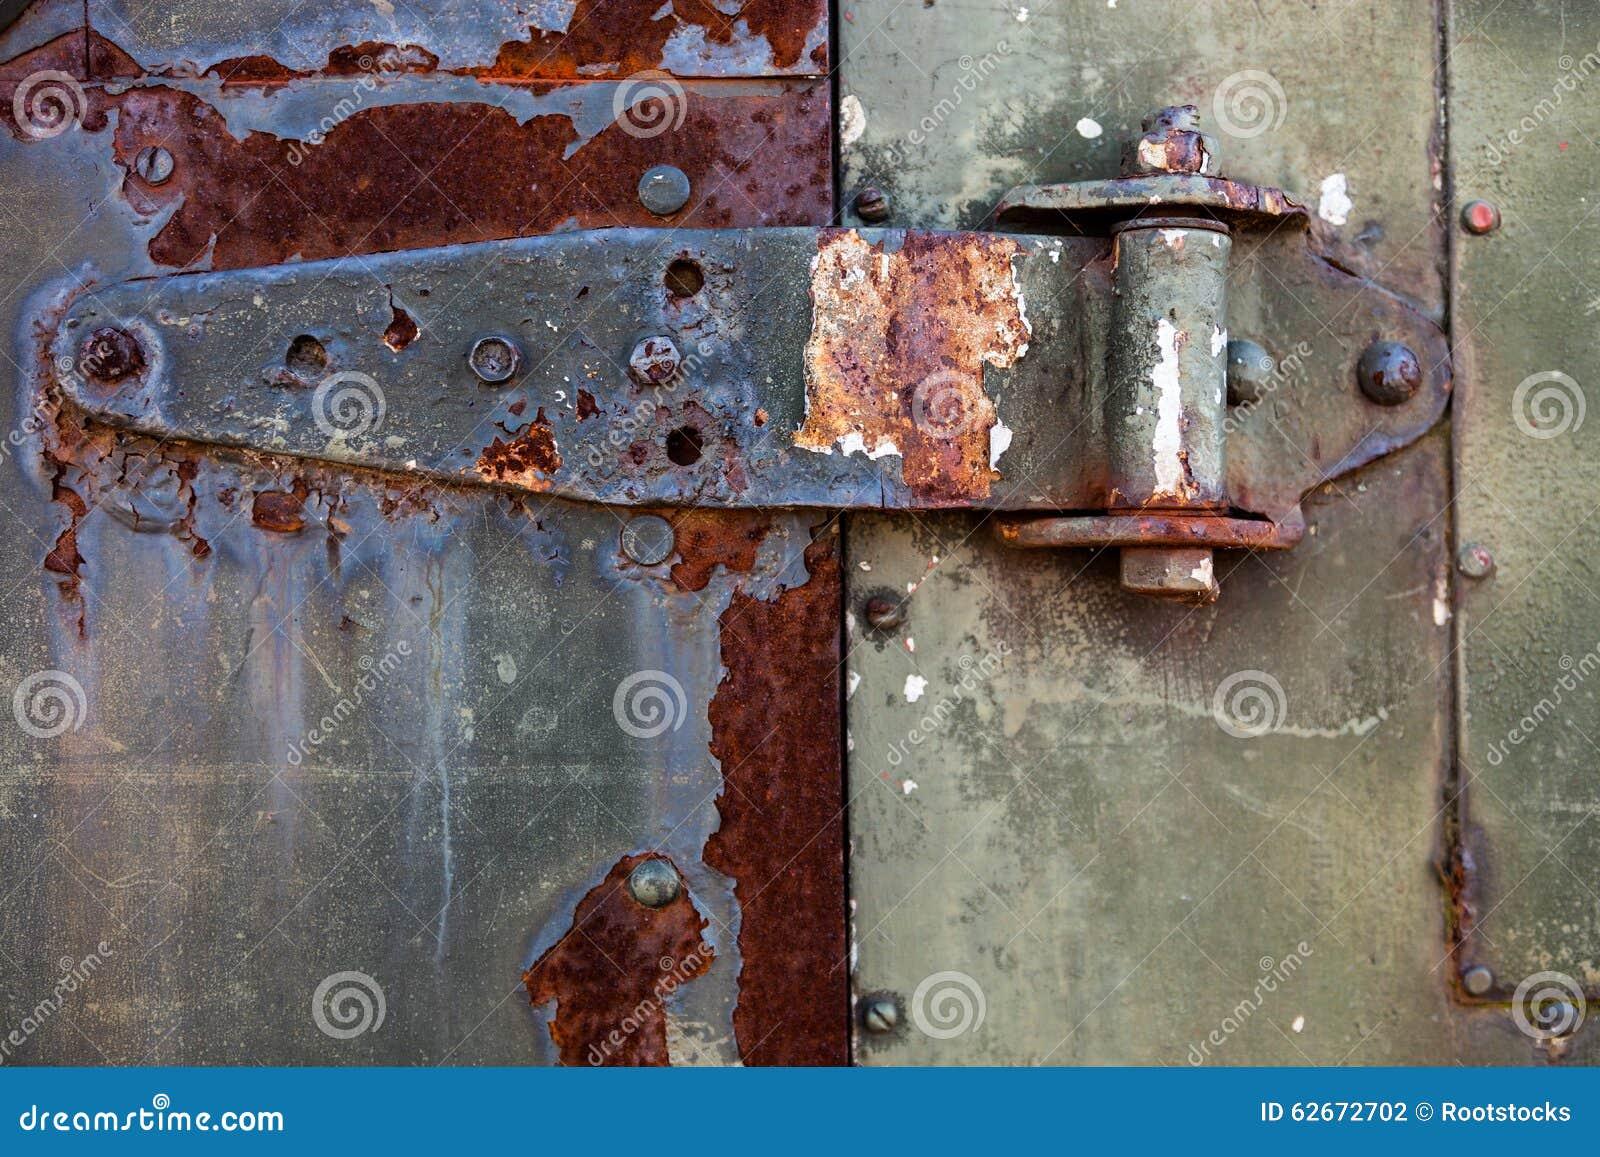 Rusty Metal Door old rusty metal hinge on the metal door stock photo - image: 62672702